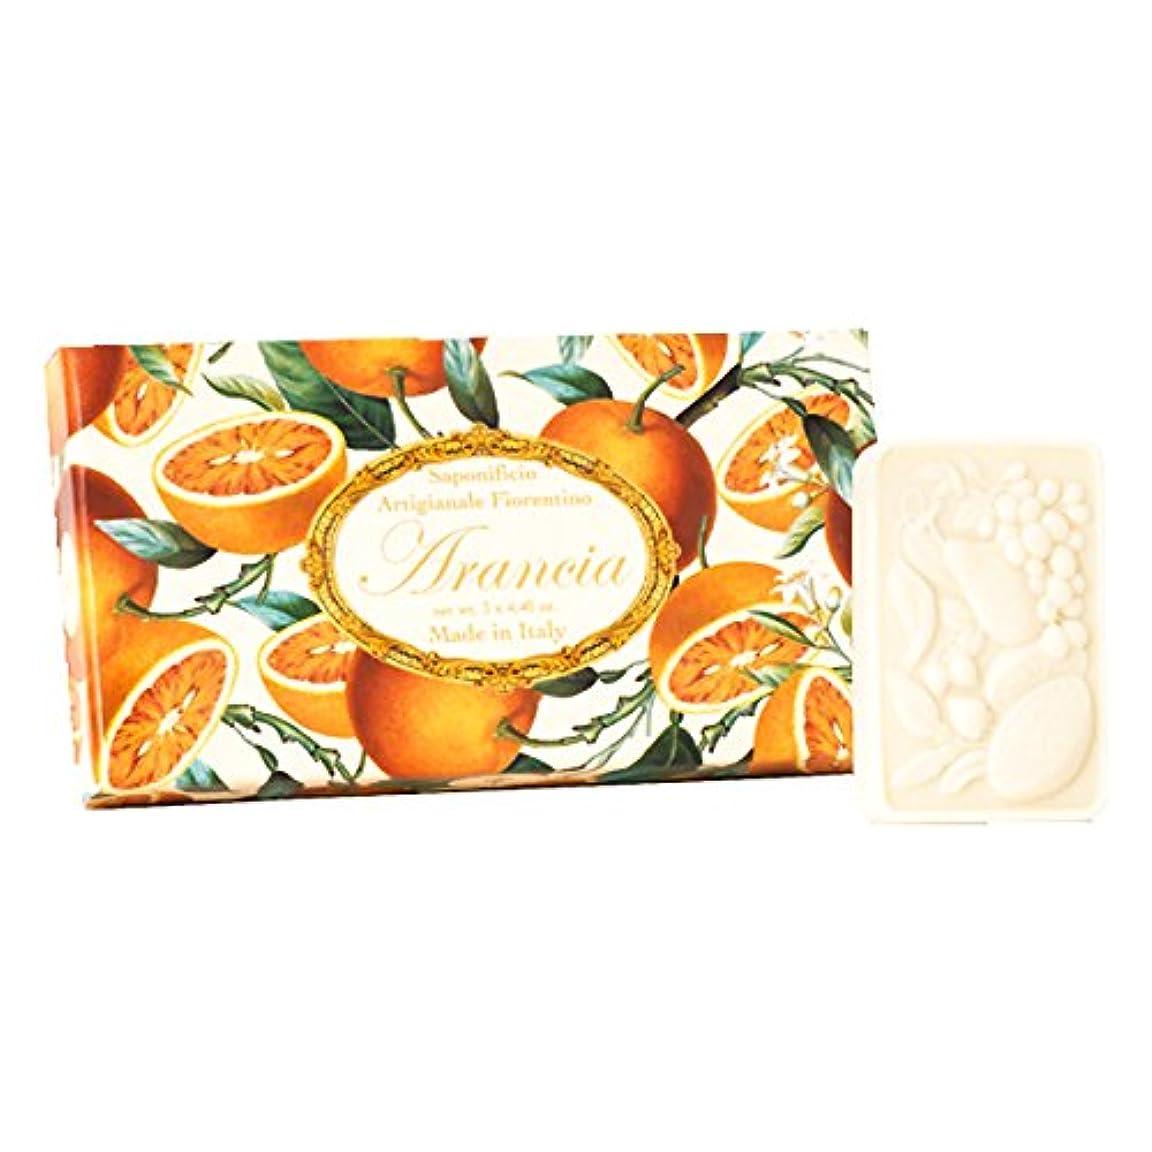 中に土曜日商標フィレンツェの 長い歴史から生まれたこだわり石鹸 オレンジ【刻印125g×3個セット】